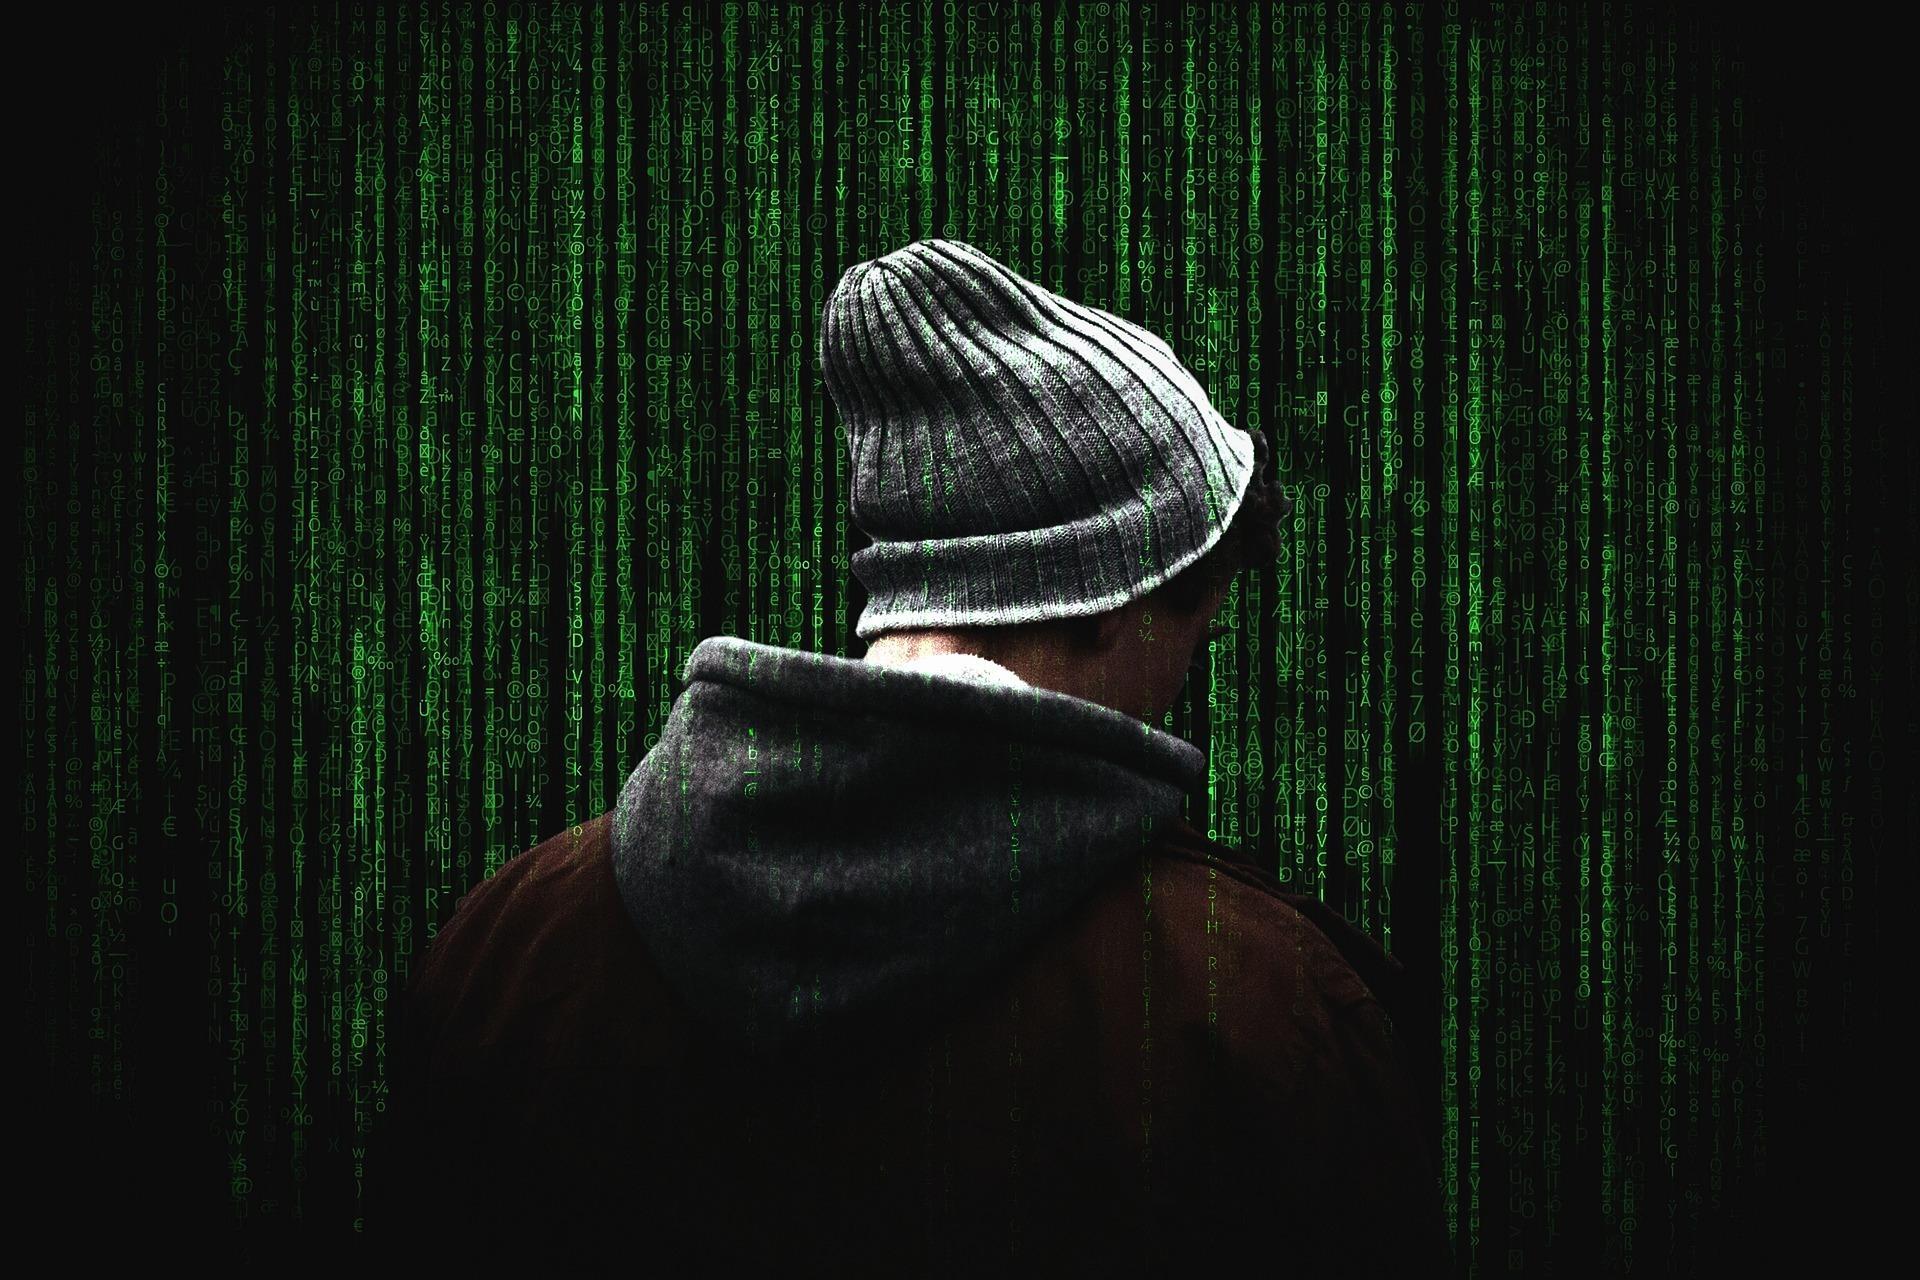 Das Computerprogramm auf dem Downloadportal